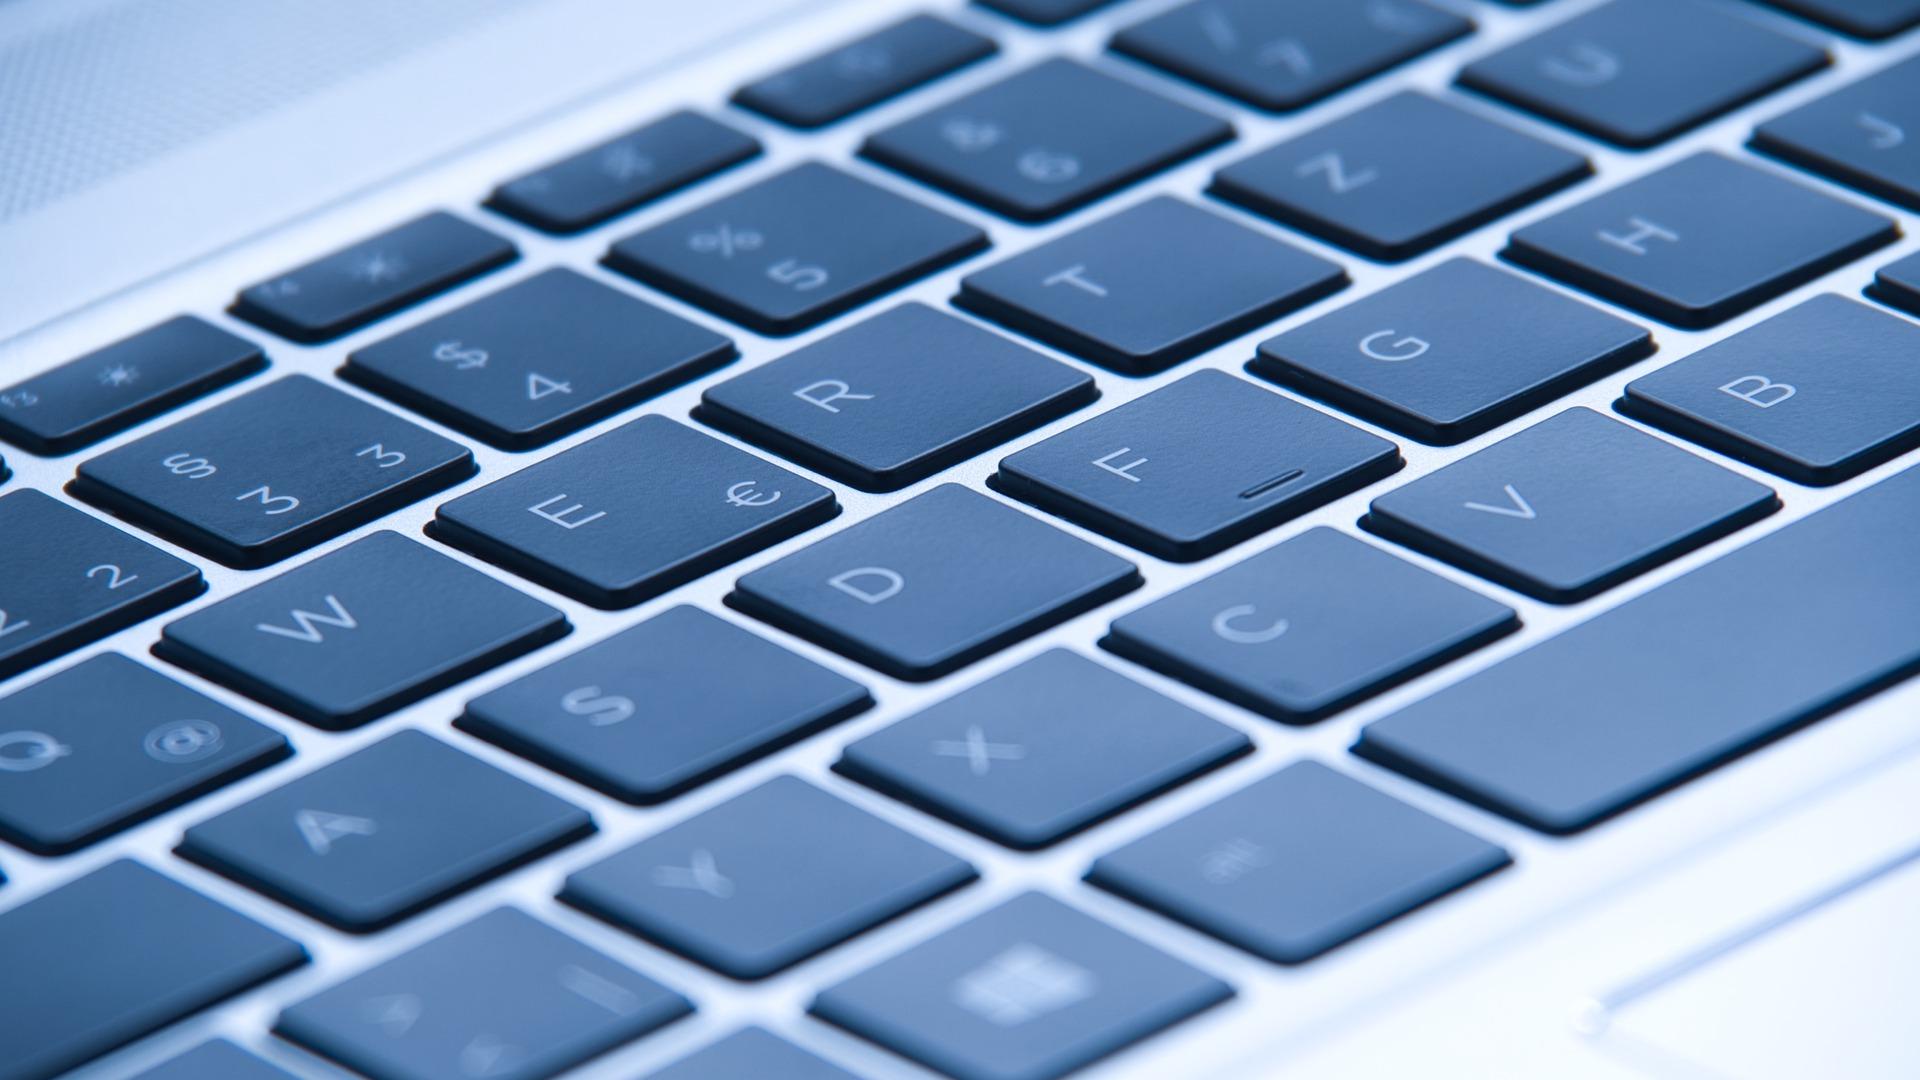 keys-4984151_1920.jpg